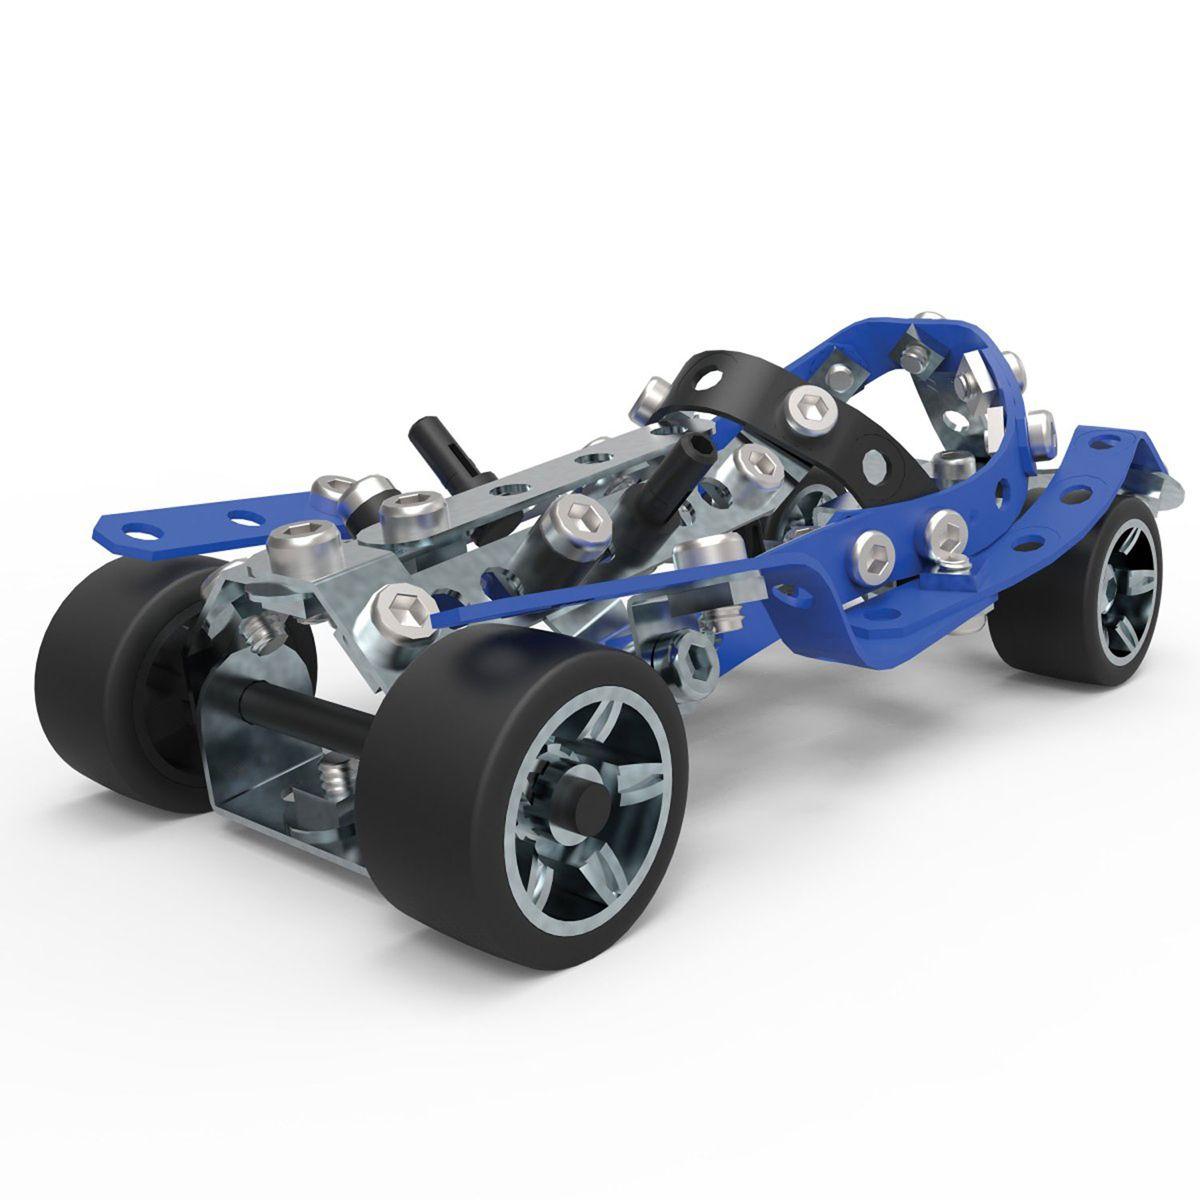 Meccano Voiture De Course Automobile 5 Modeles Jeux De